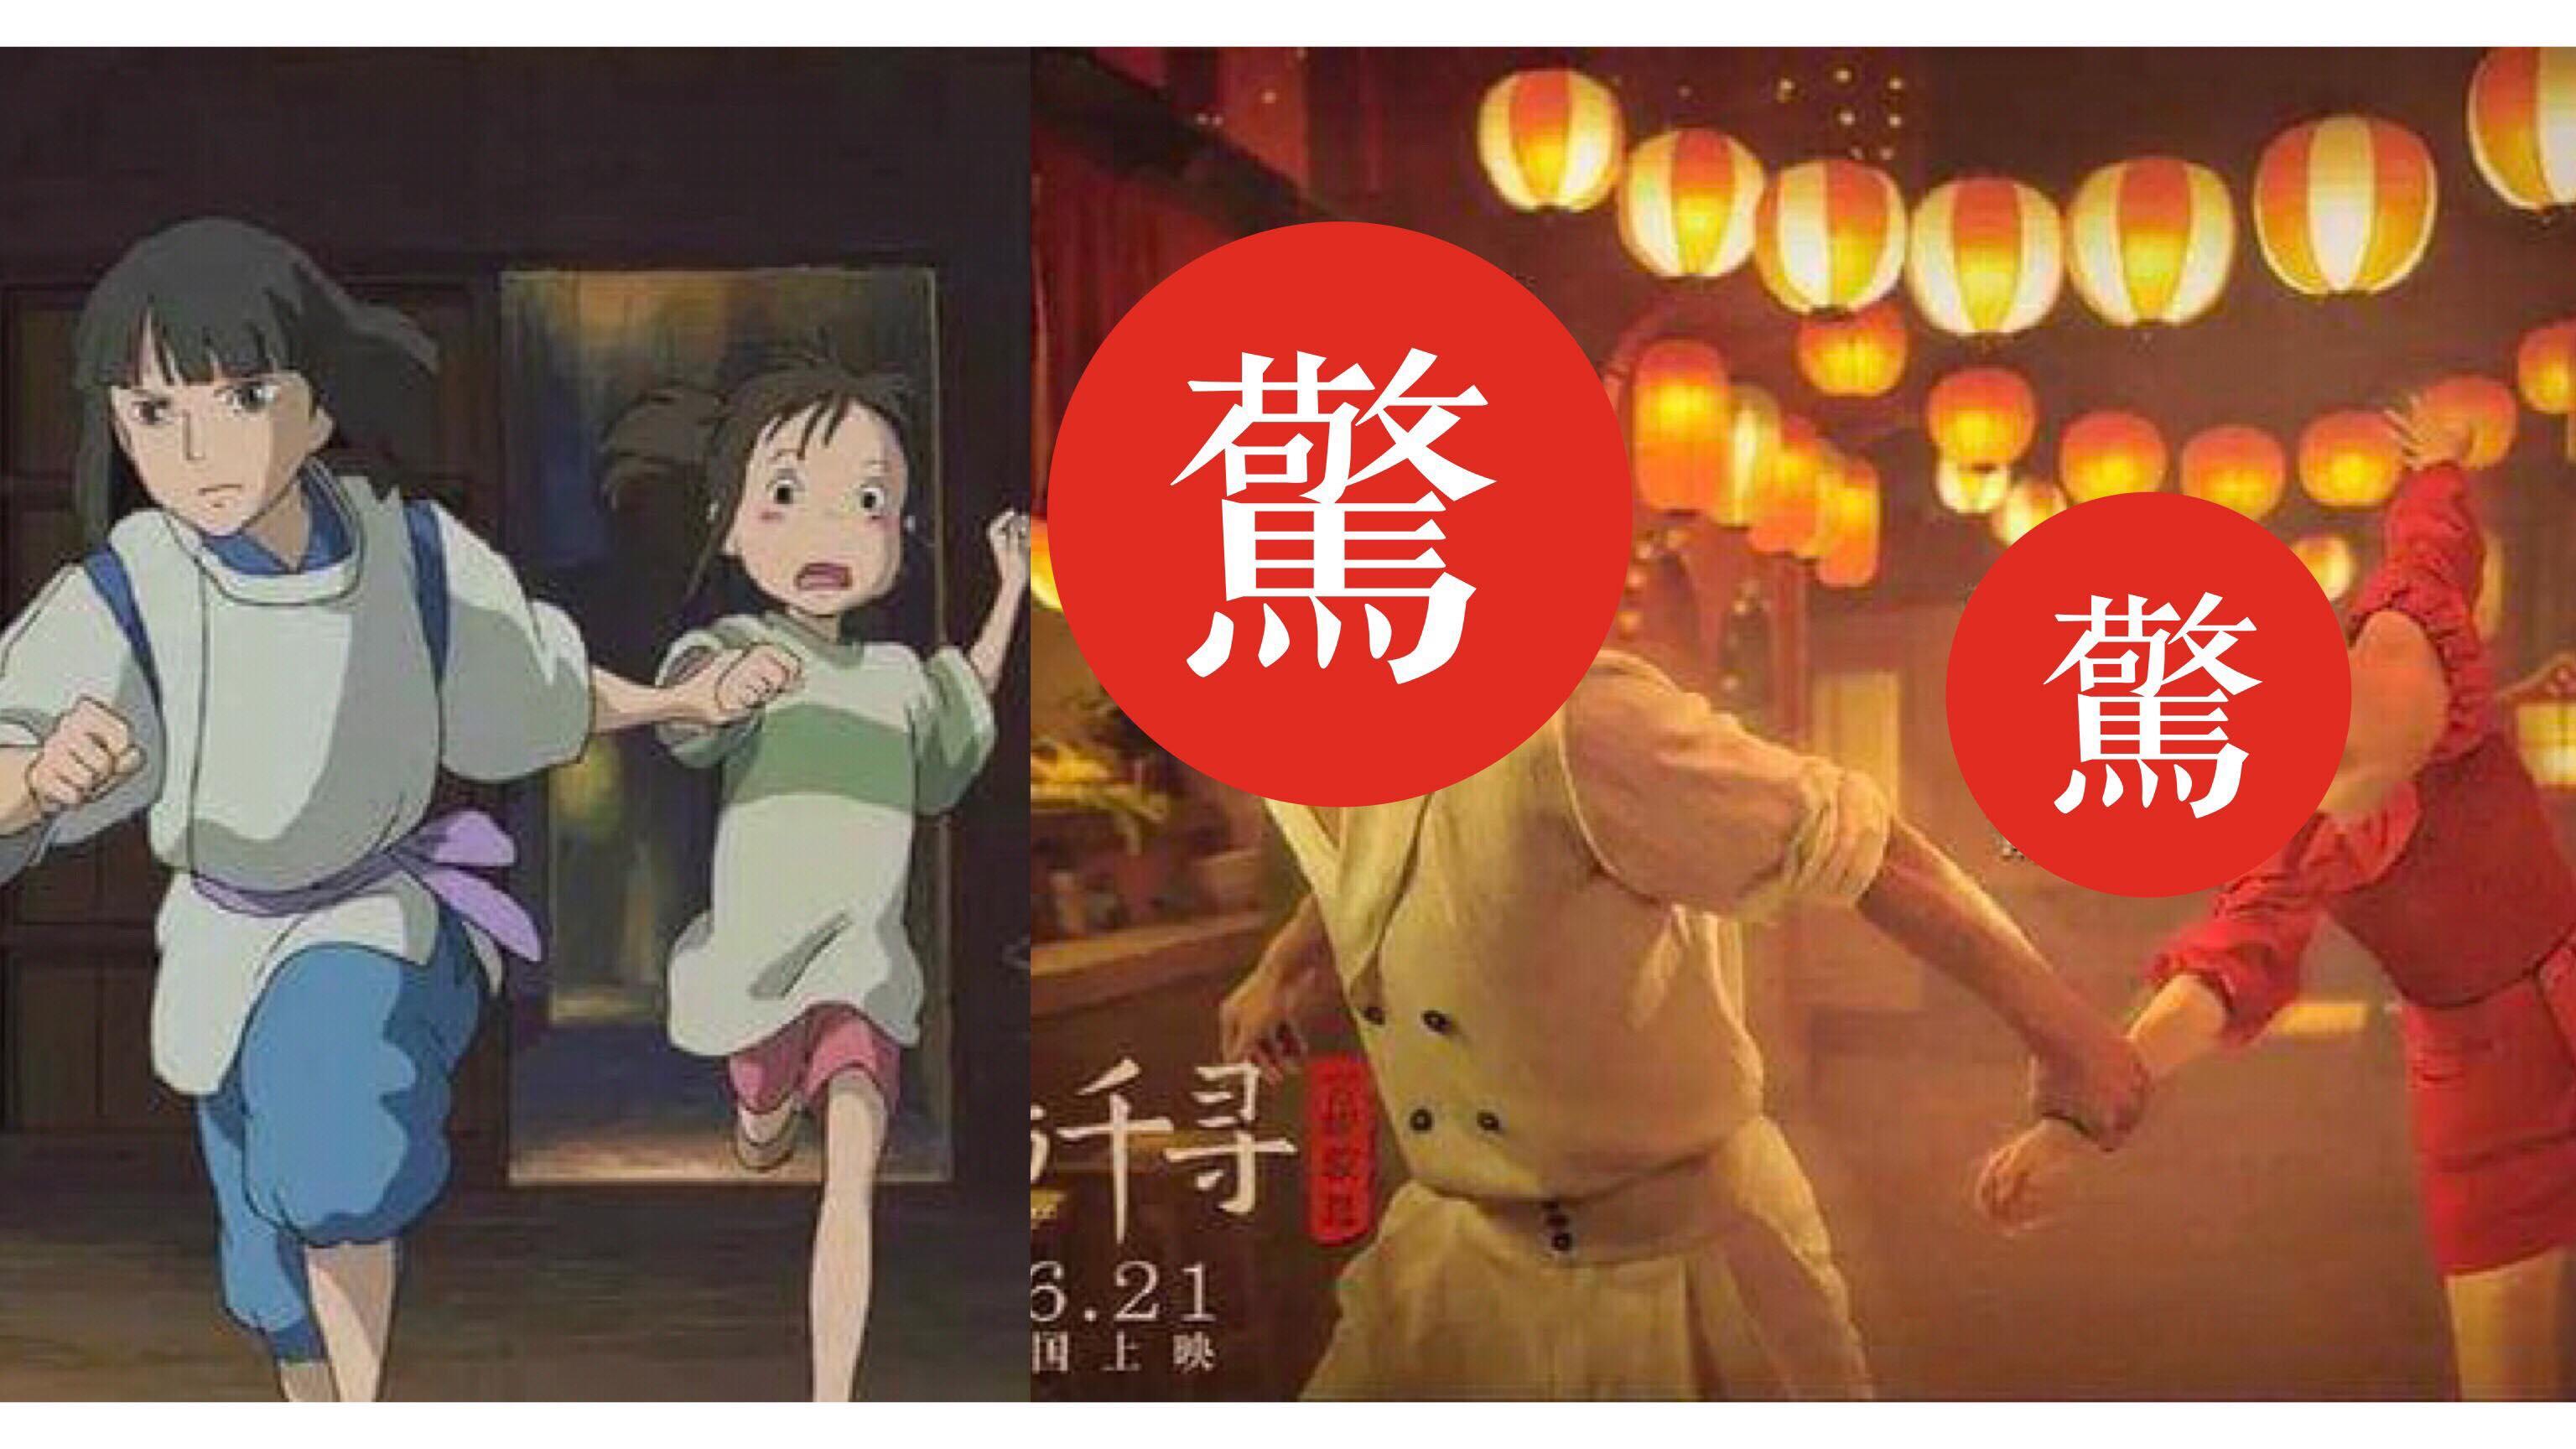 宮崎駿《神隱少女》中國真人版聲優海報曝光,網友傻眼:「童年被毀了?!」 – 我們用電影寫日記